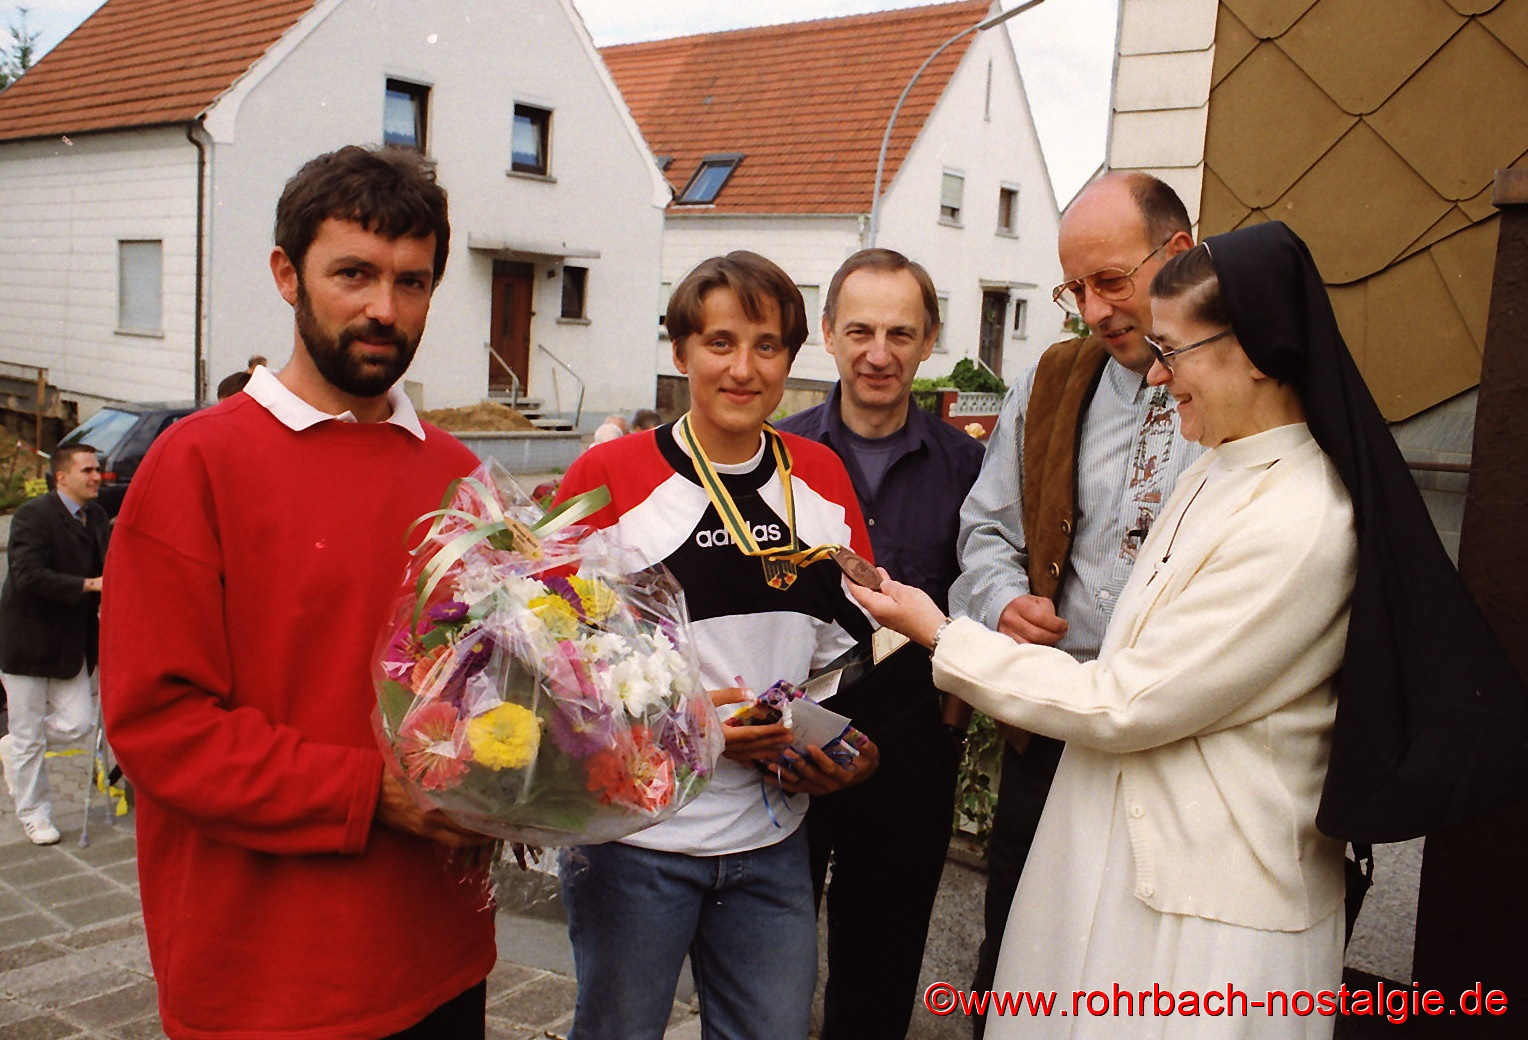 1996-09-01-sandras-heimkehr-aus-sydney-1